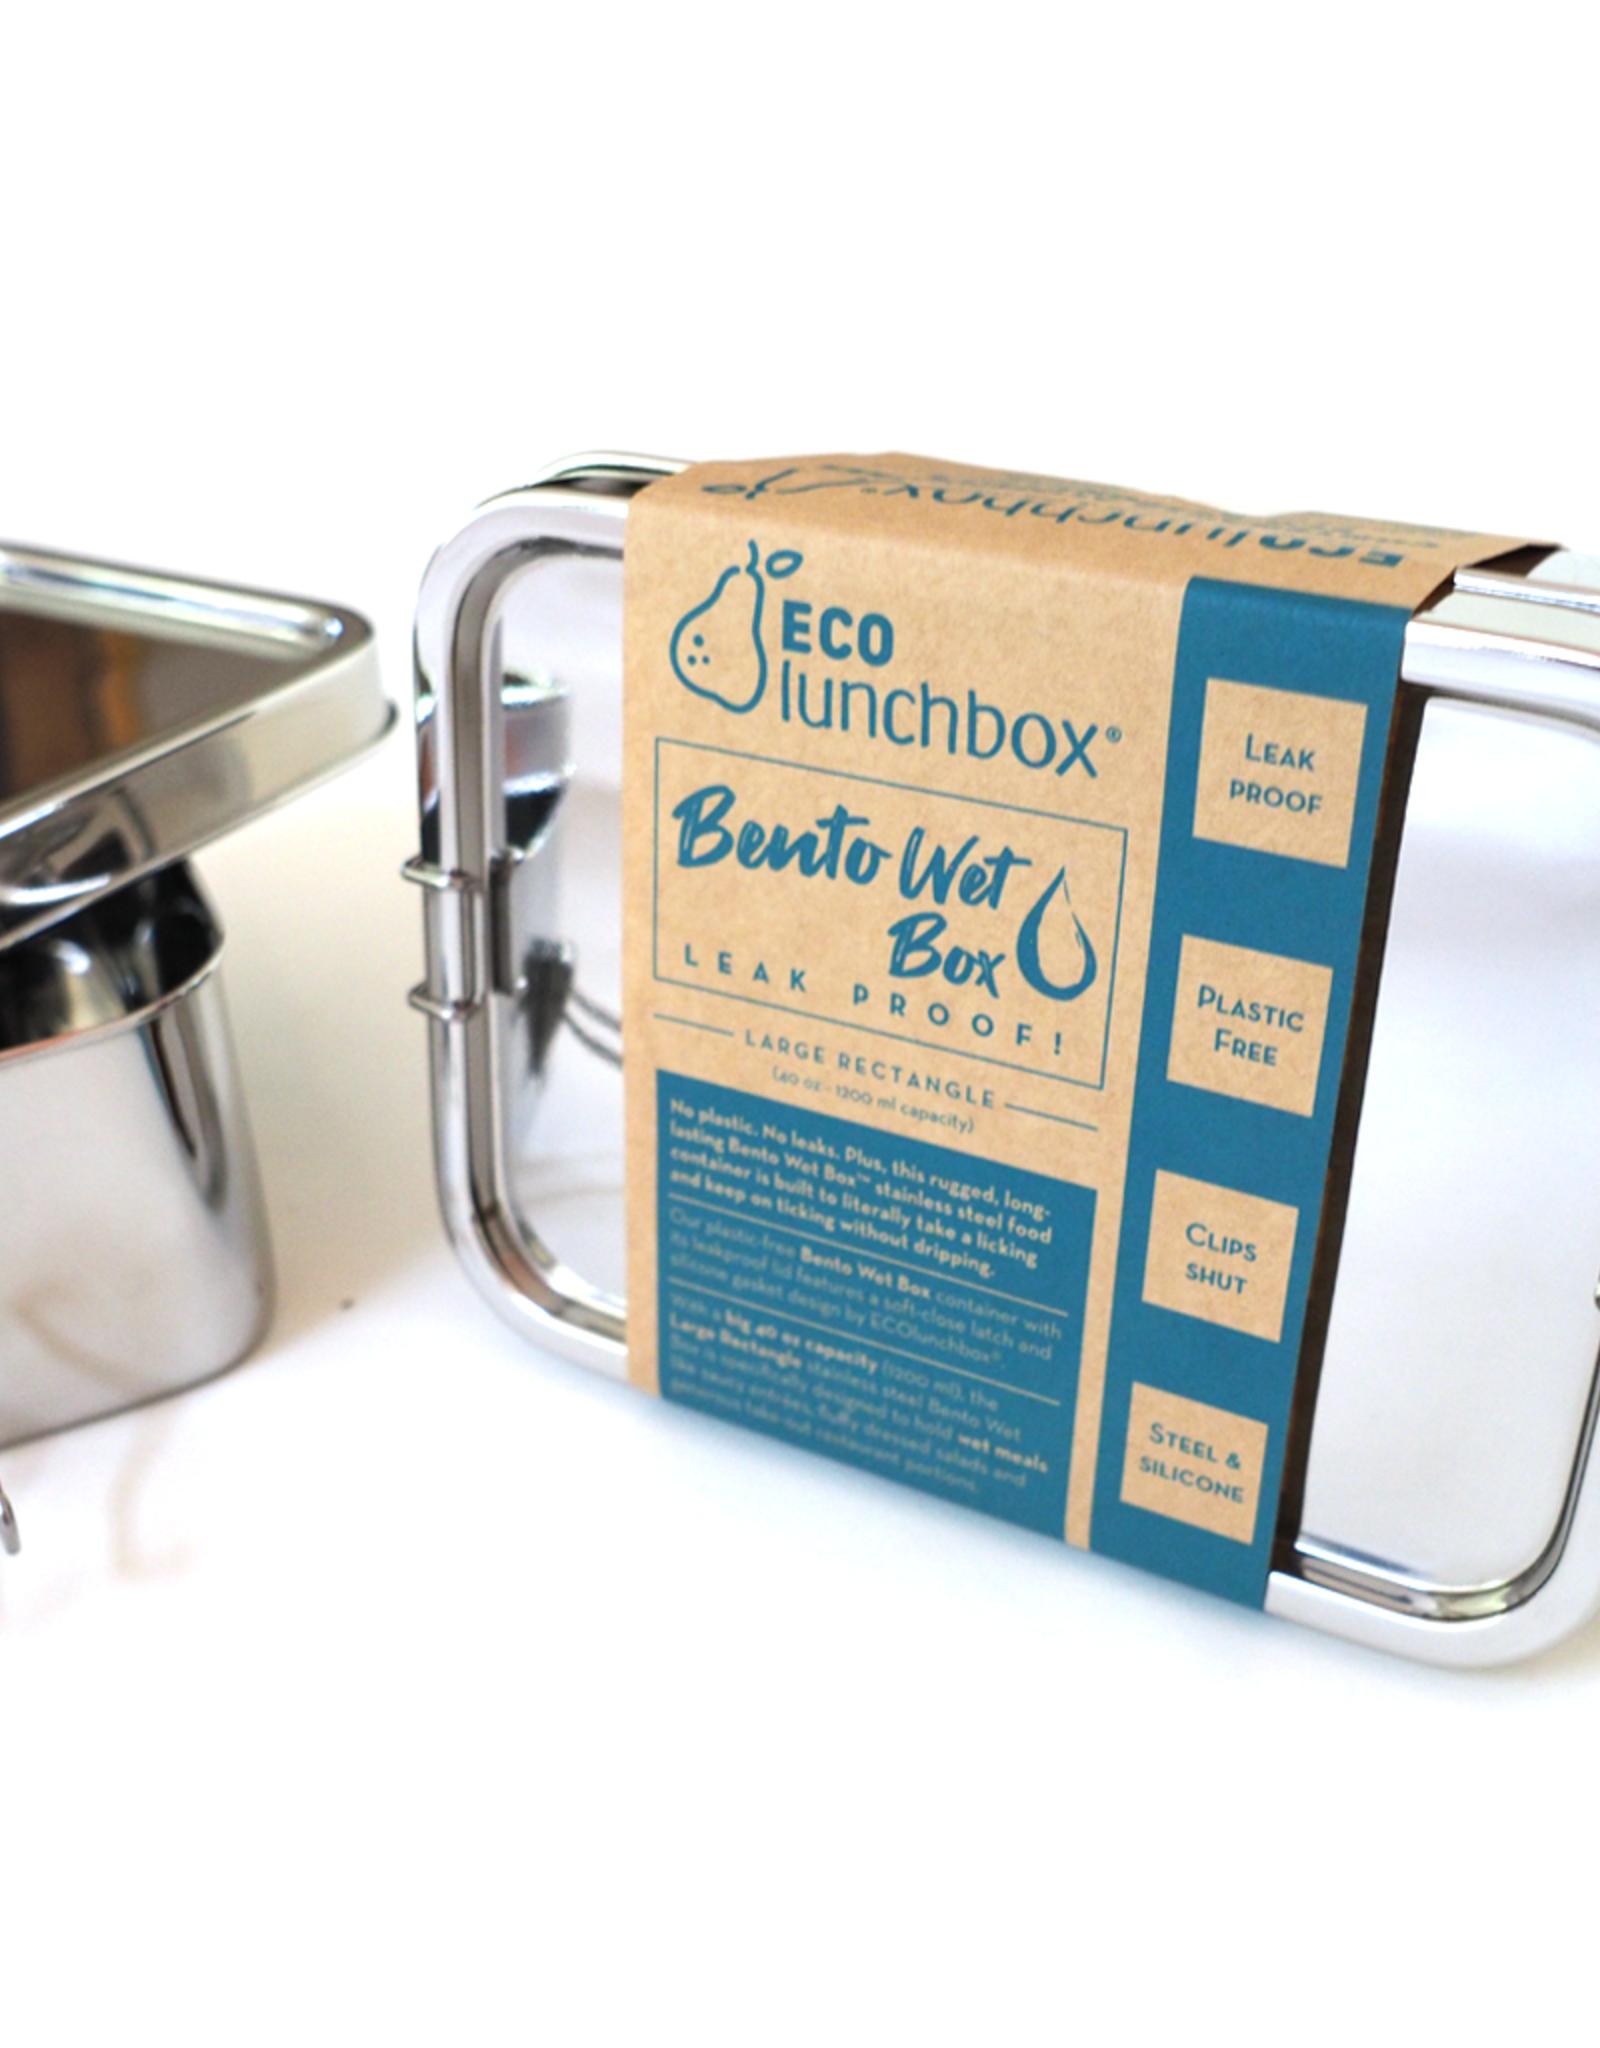 ECOlunchbox Bento Wet Box